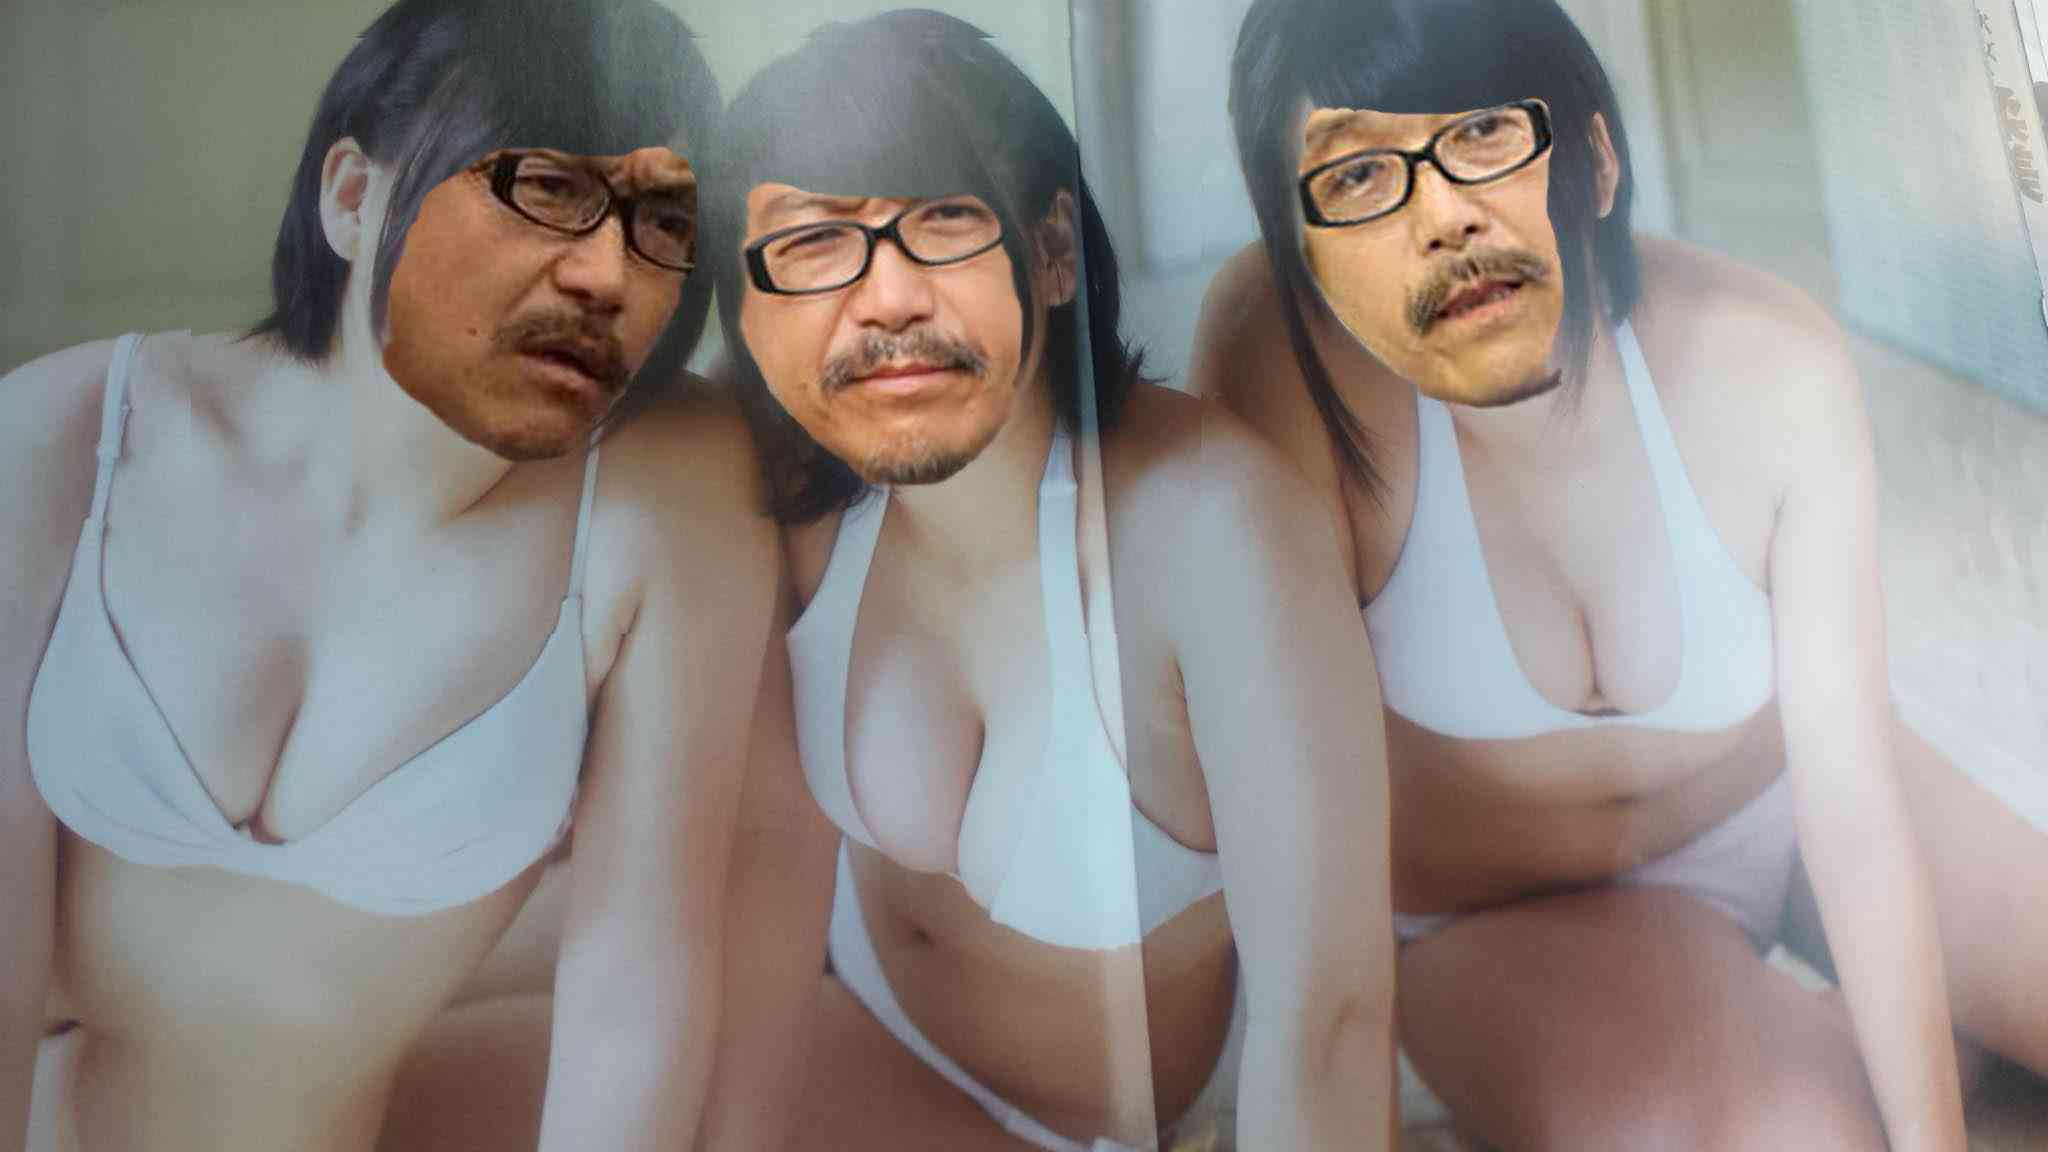 ビッグダディ・林下清志の現在がクズすぎる!仕事激減で3姉妹のグラビア写真集を計画